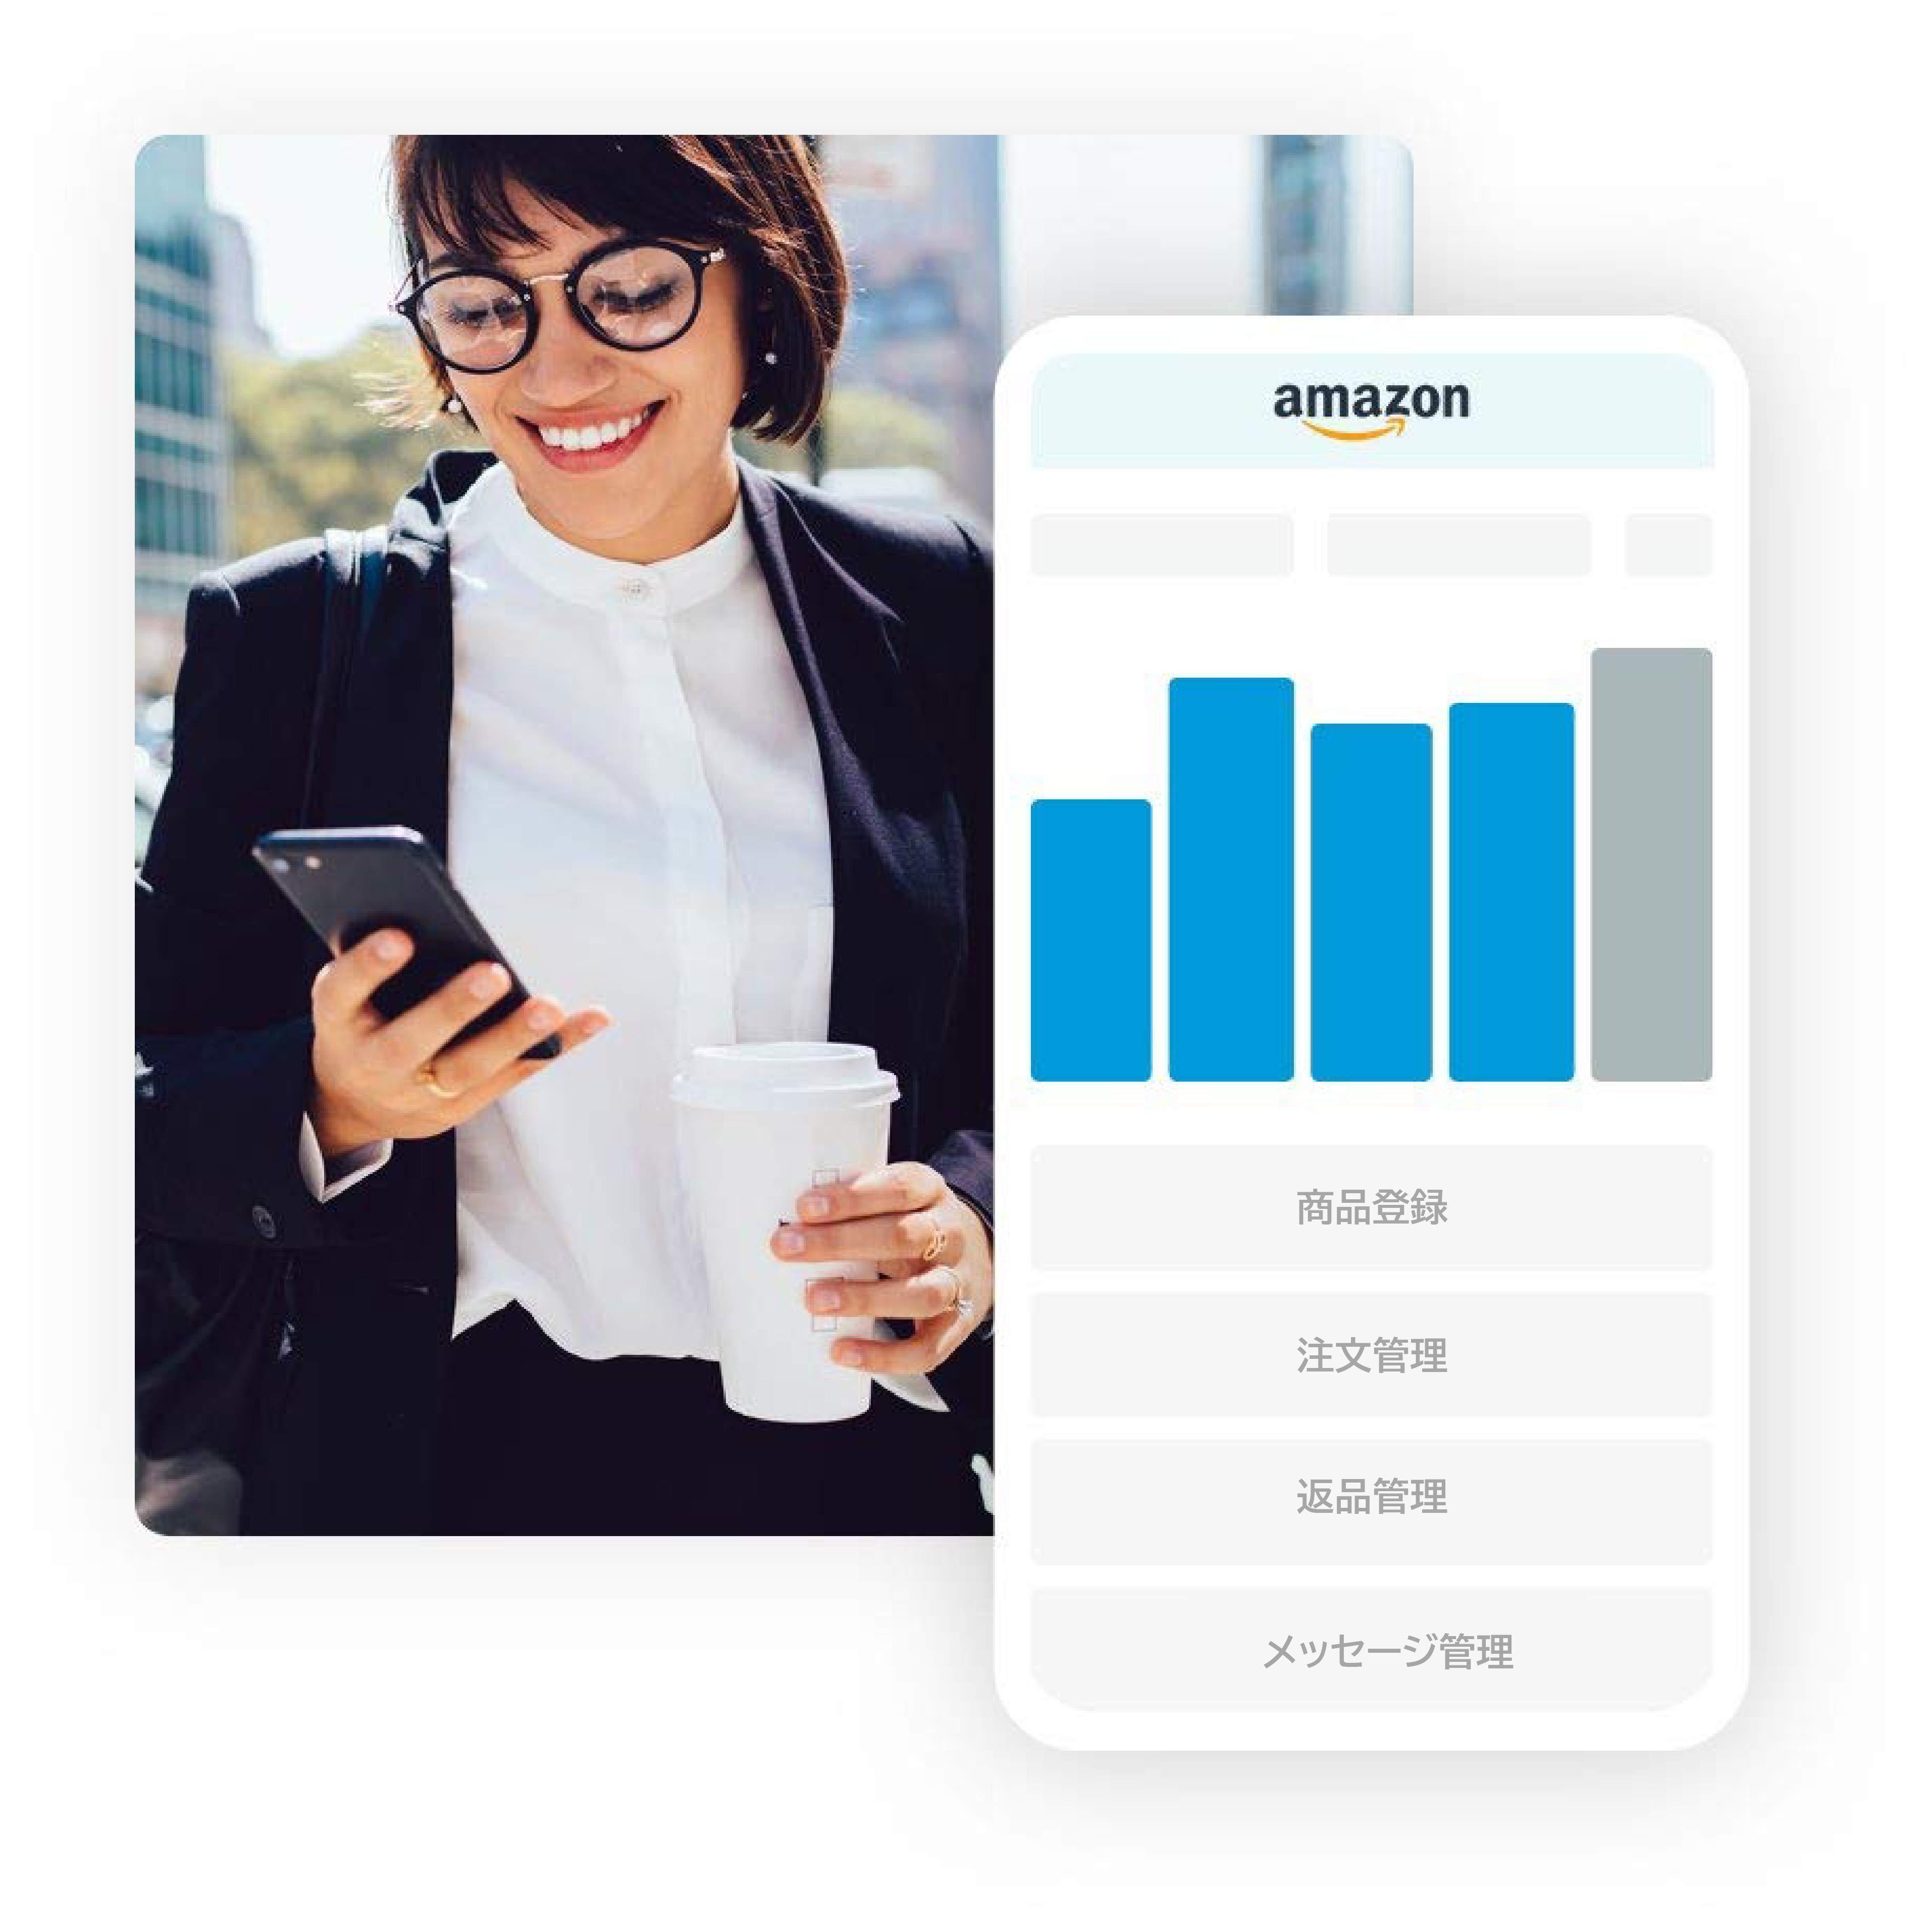 Amazon出品アプリでアカウントを見ている黒いブレザーの女性